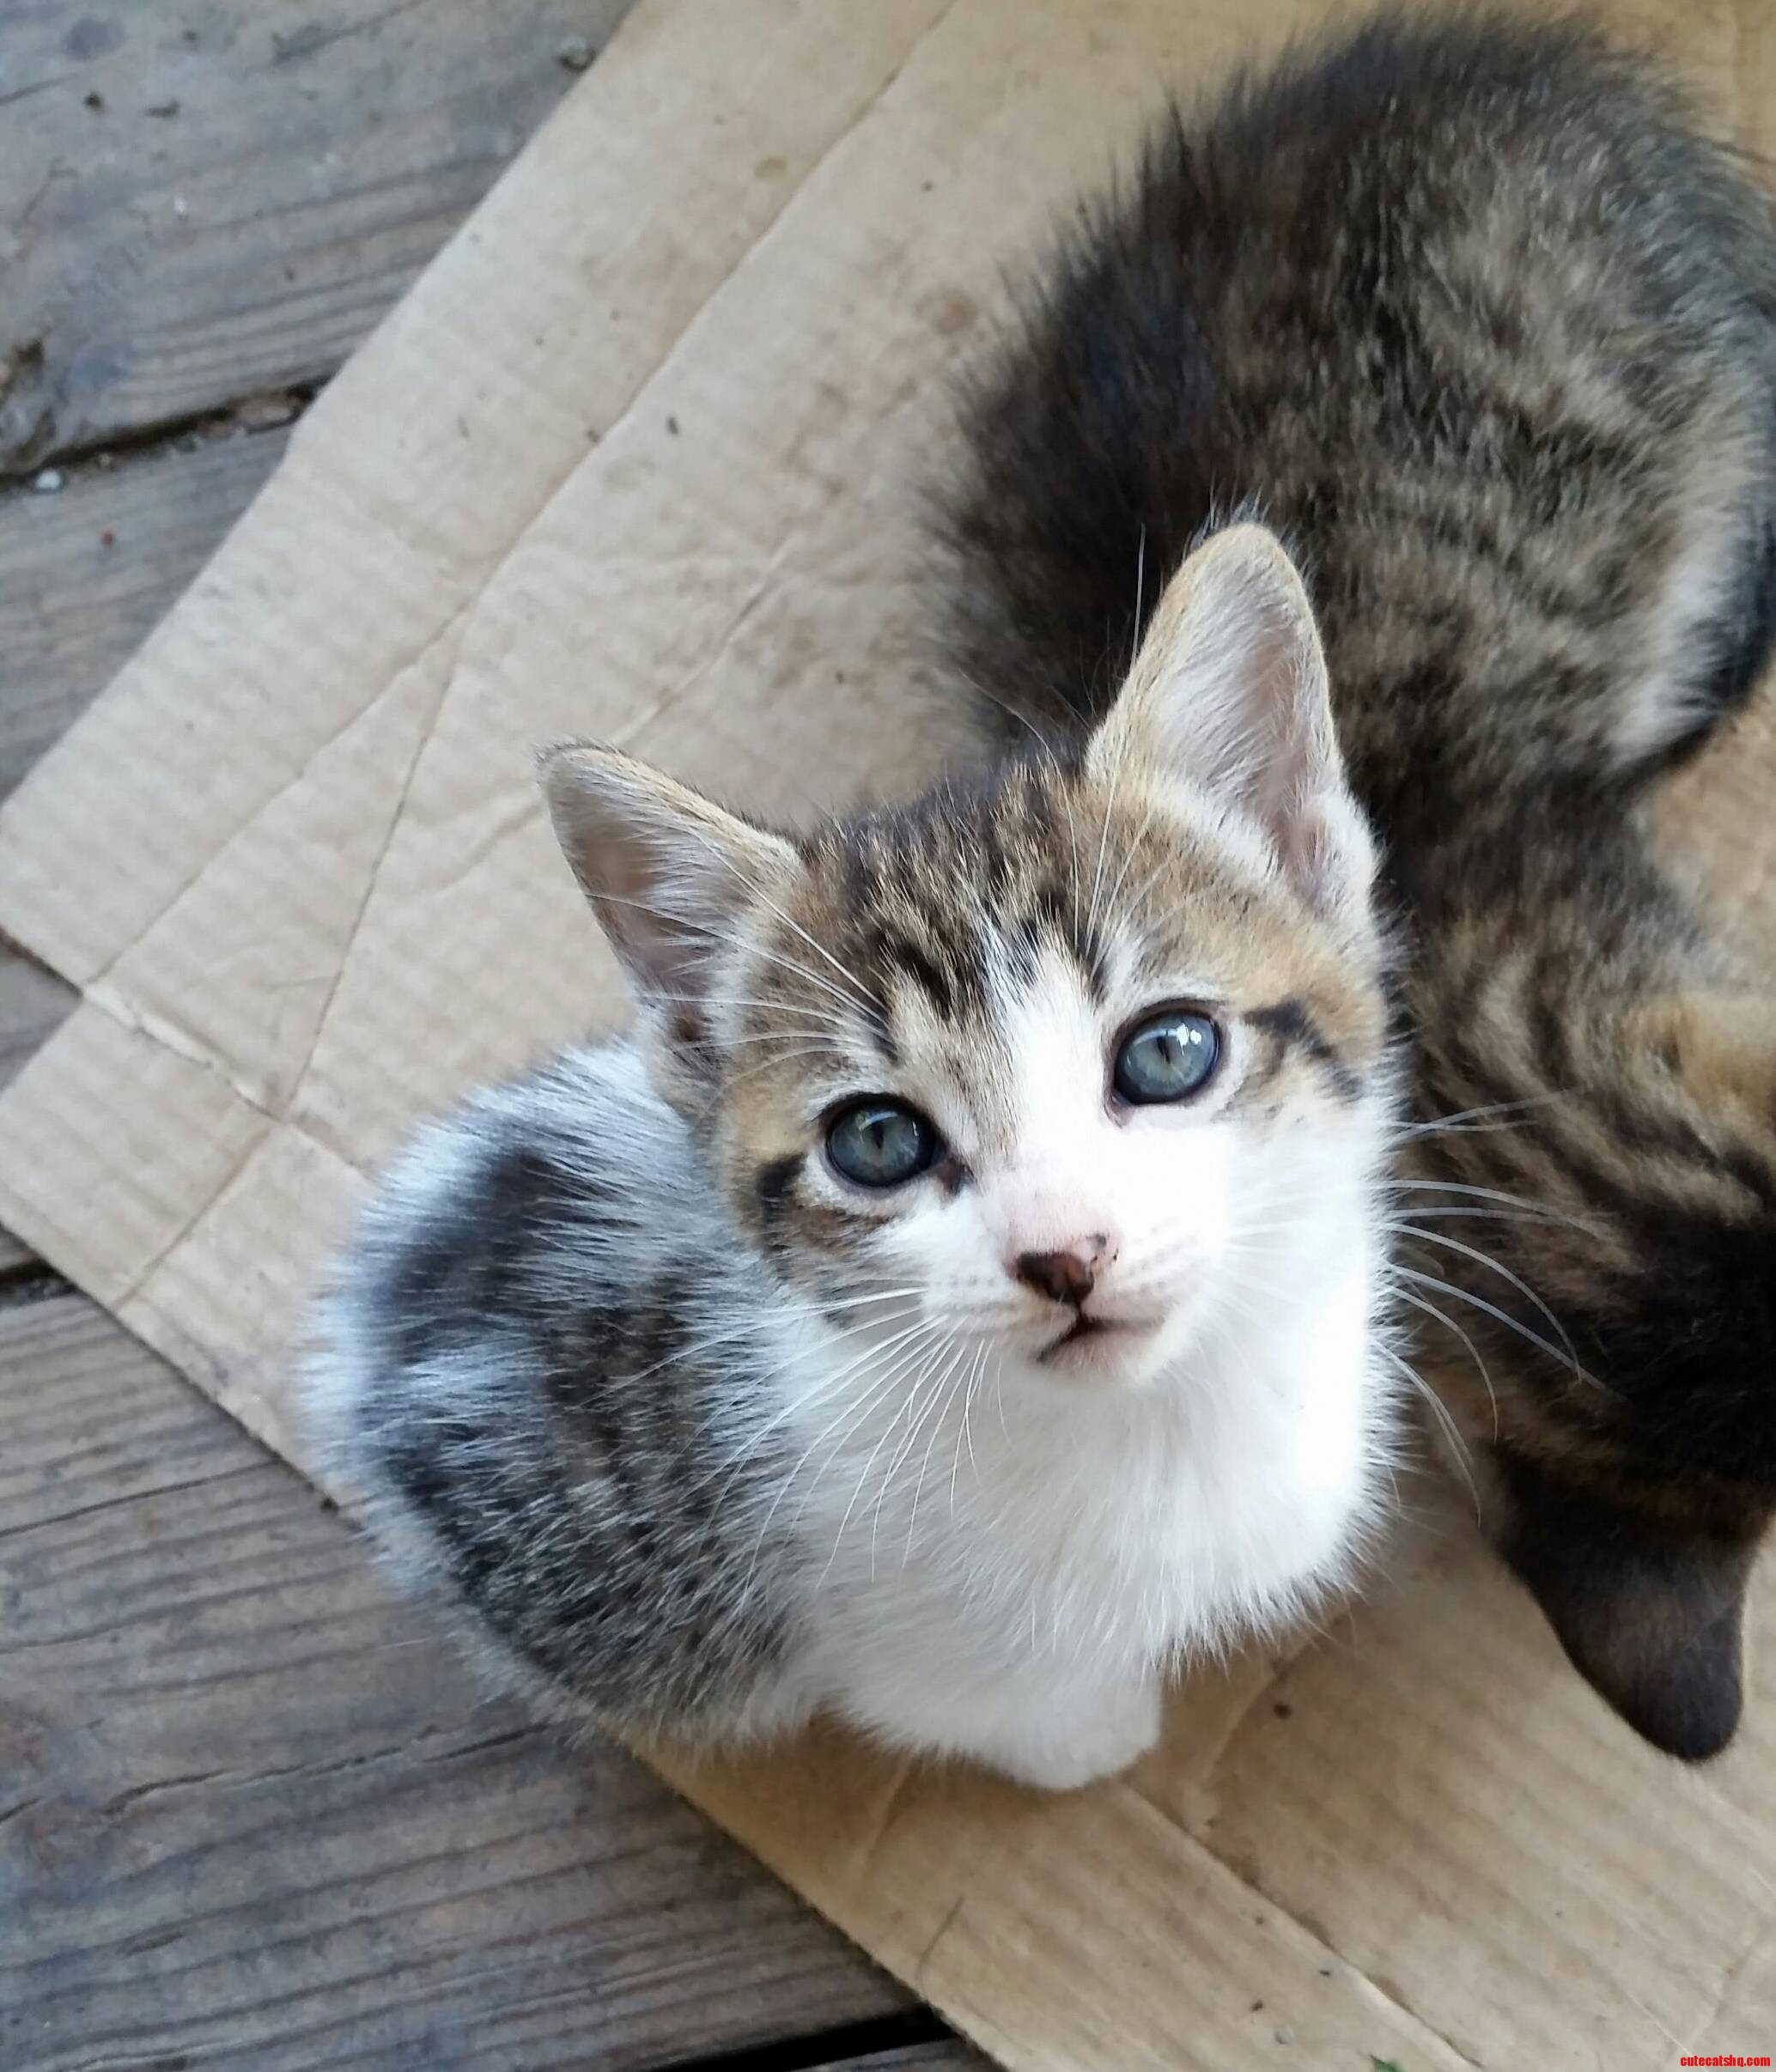 Six week old cute kitten